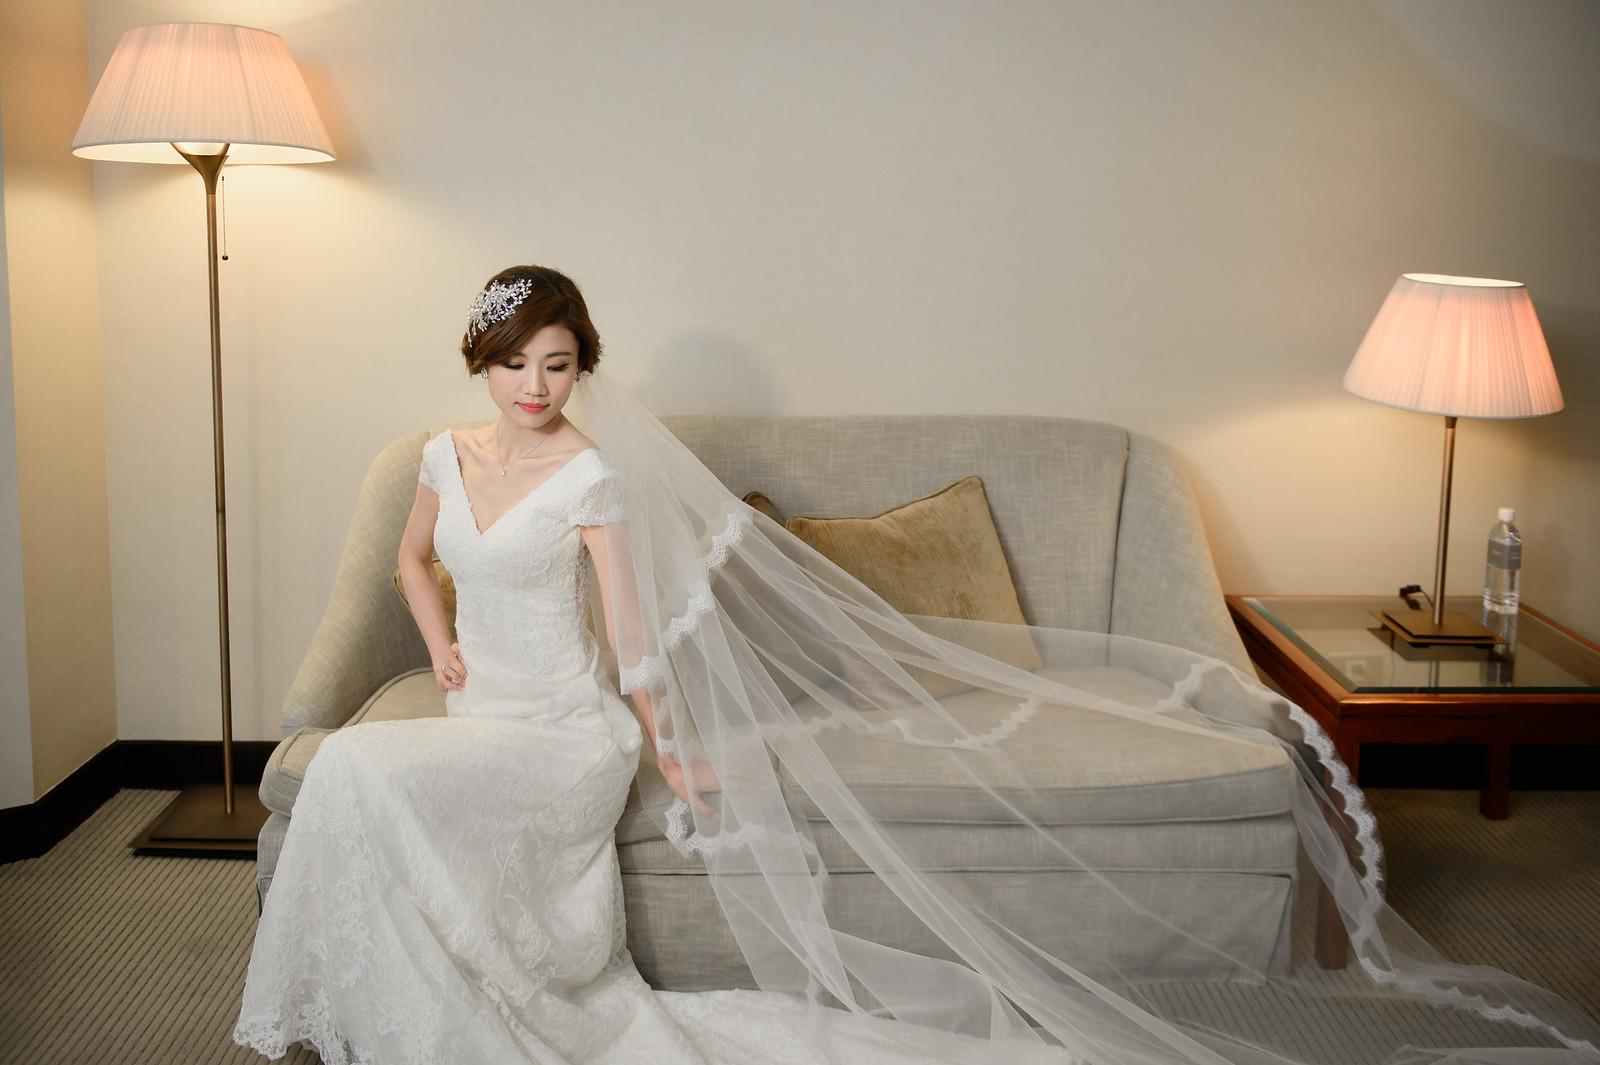 台北婚攝, 婚禮攝影, 婚攝, 婚攝守恆, 婚攝推薦, 晶華酒店, 晶華酒店婚宴, 晶華酒店婚攝-21